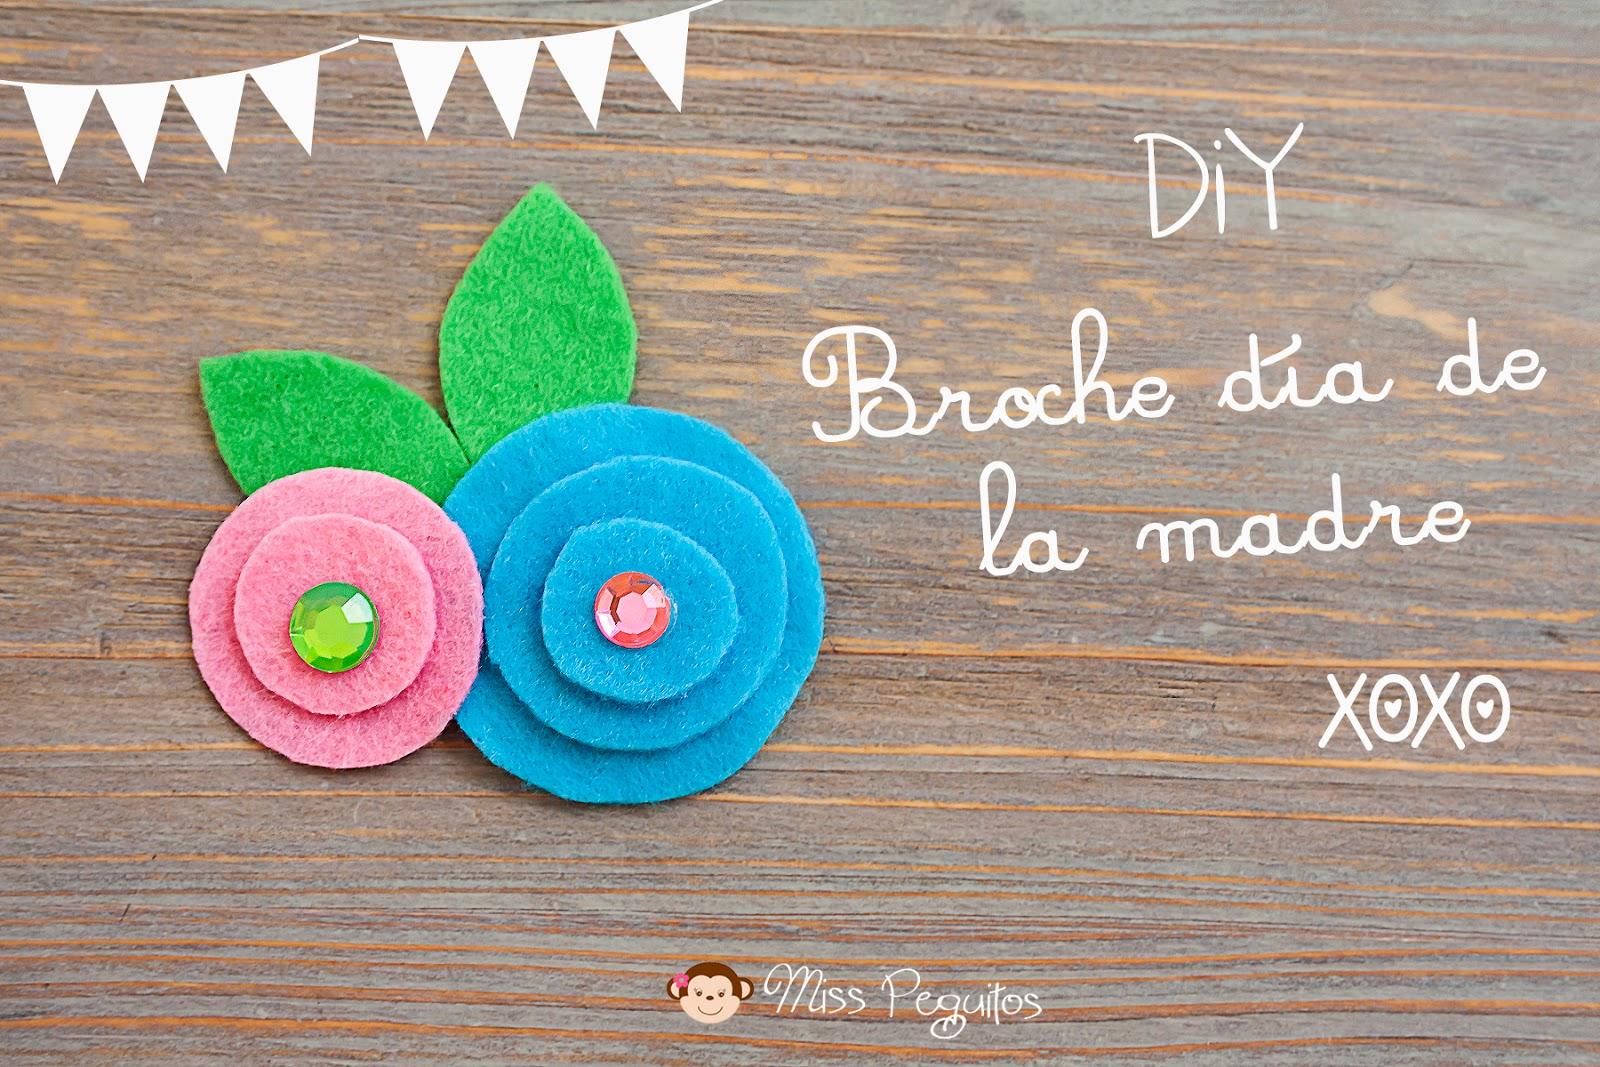 diy broche día de la madre Brooch mother day